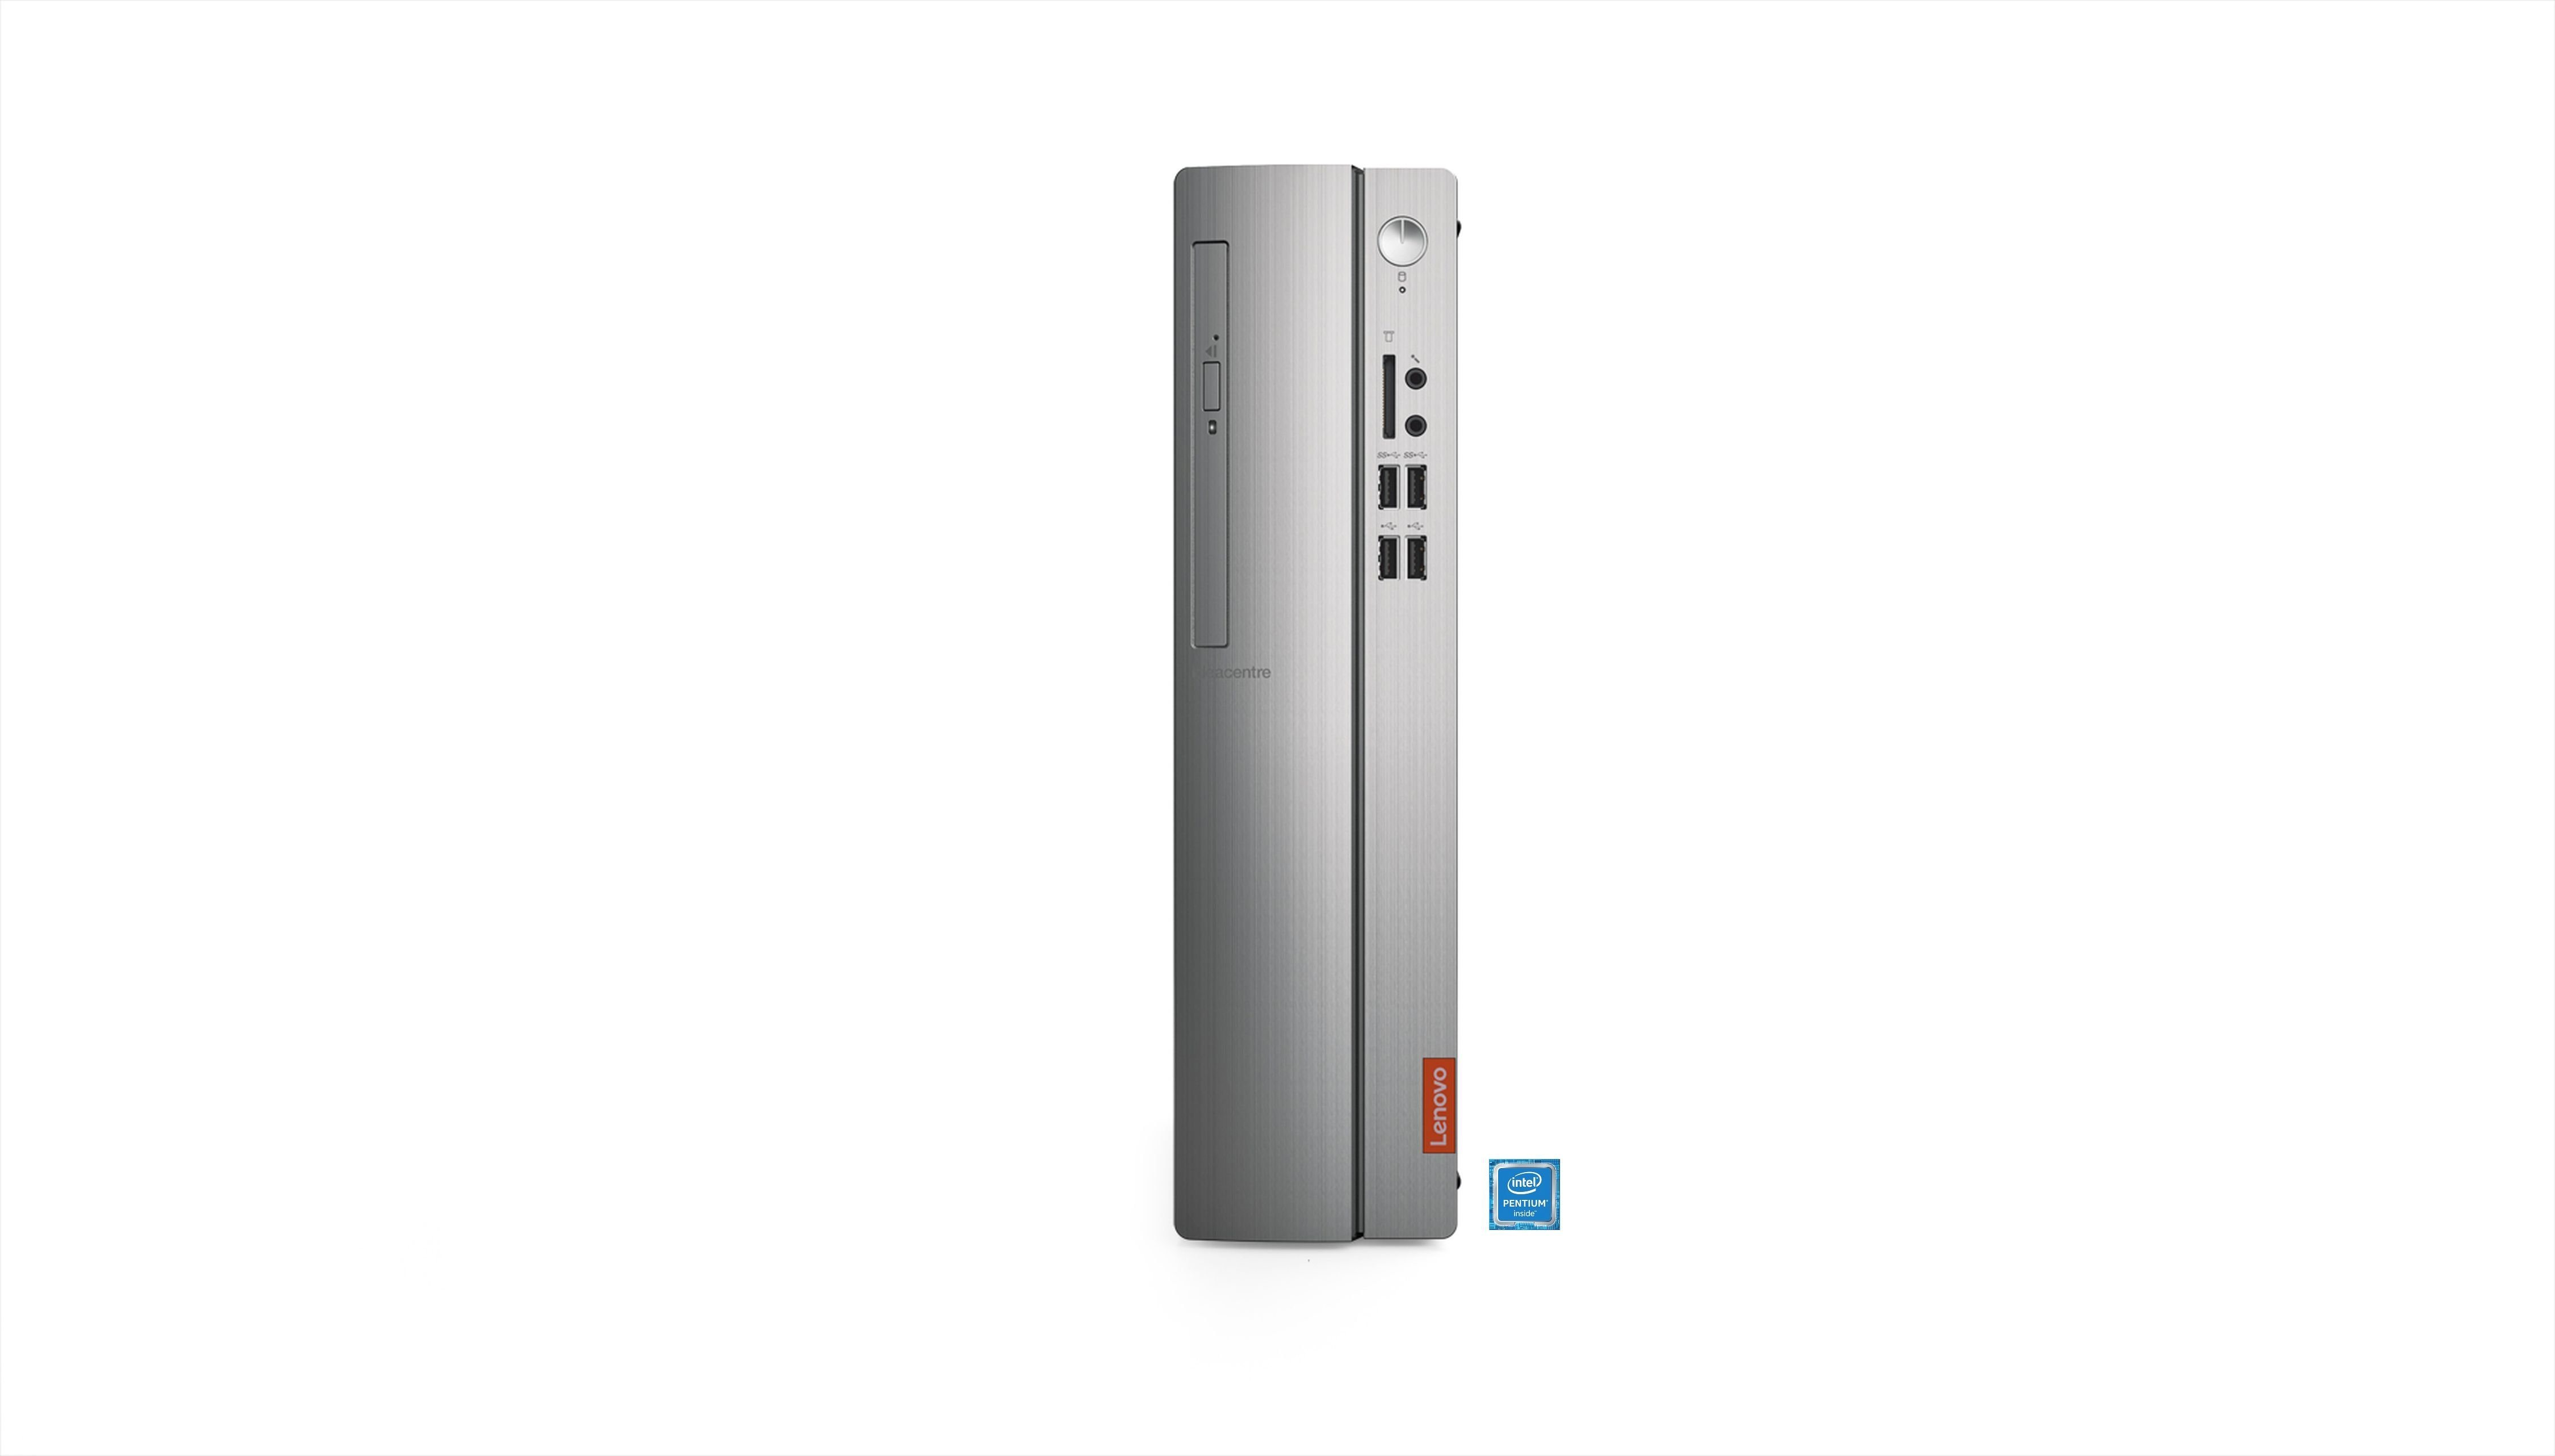 Ideacentre 510S 08IKL PC Intel Pentium 128 GB SSD 2 TB HDD